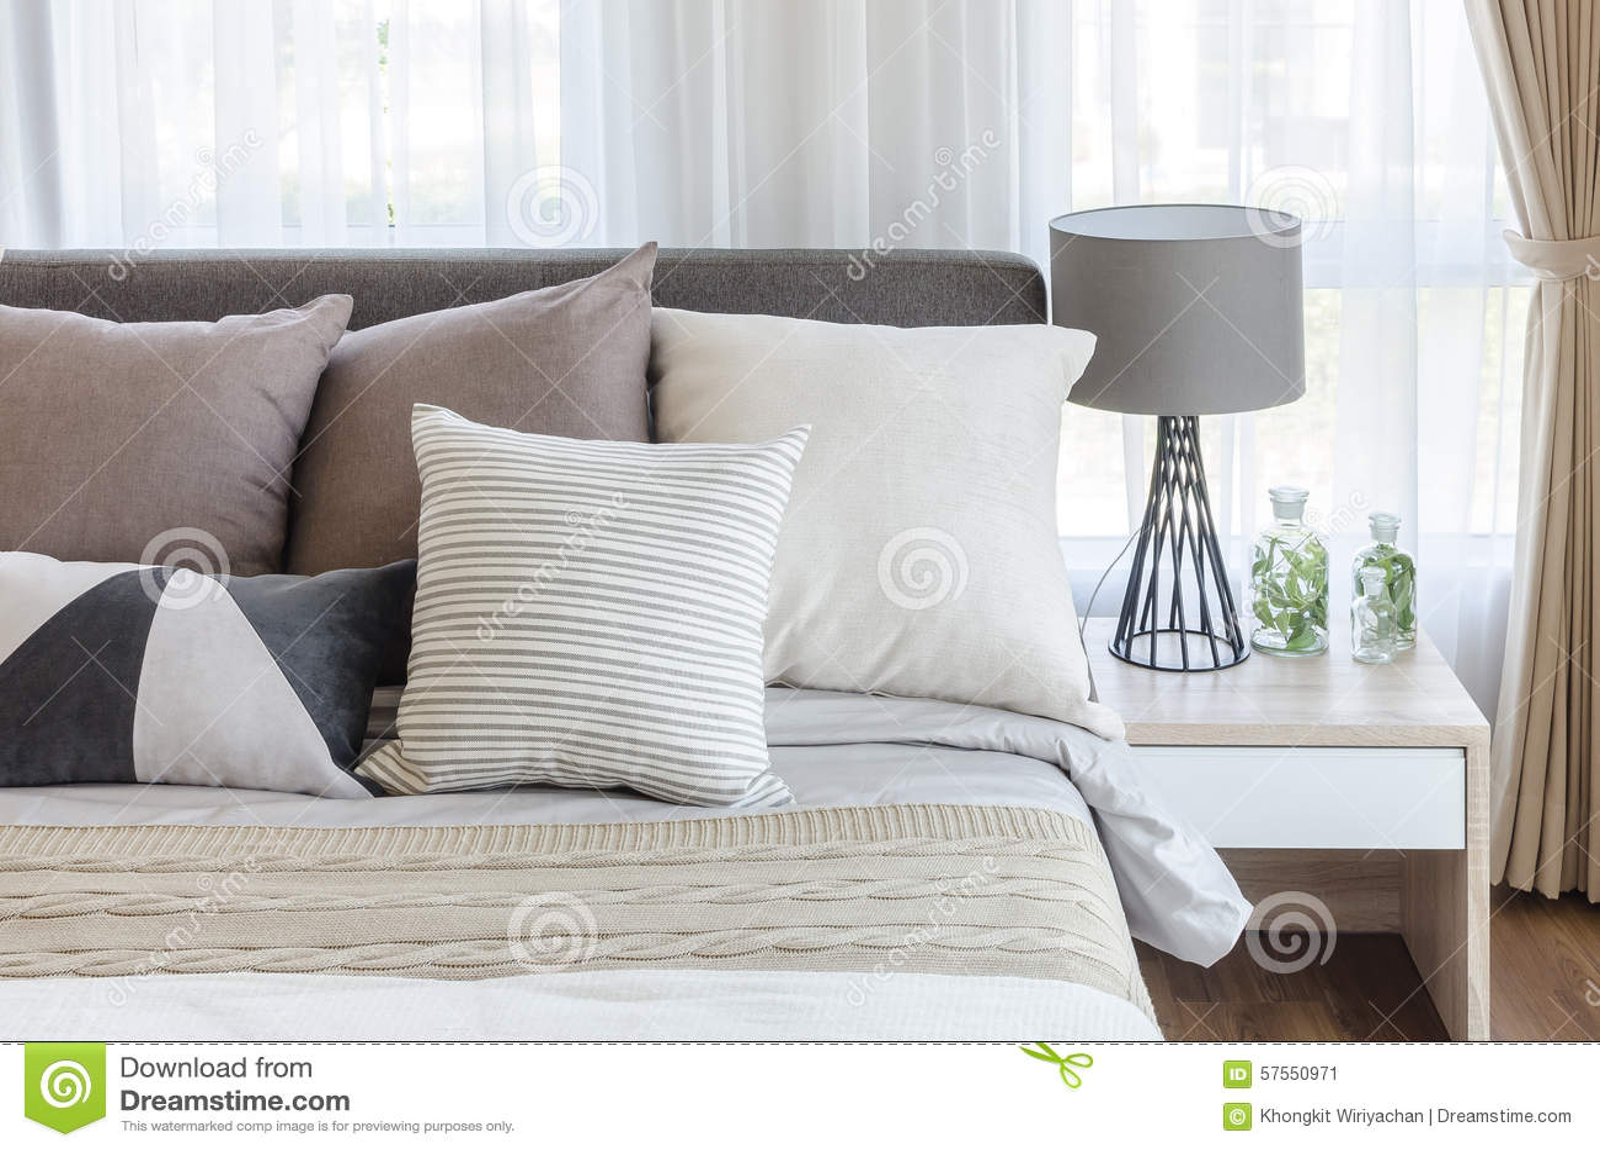 Chambre coucher moderne de style avec des oreillers sur le lit et la lampe grise moderne - Lampade da camera da letto moderne ...